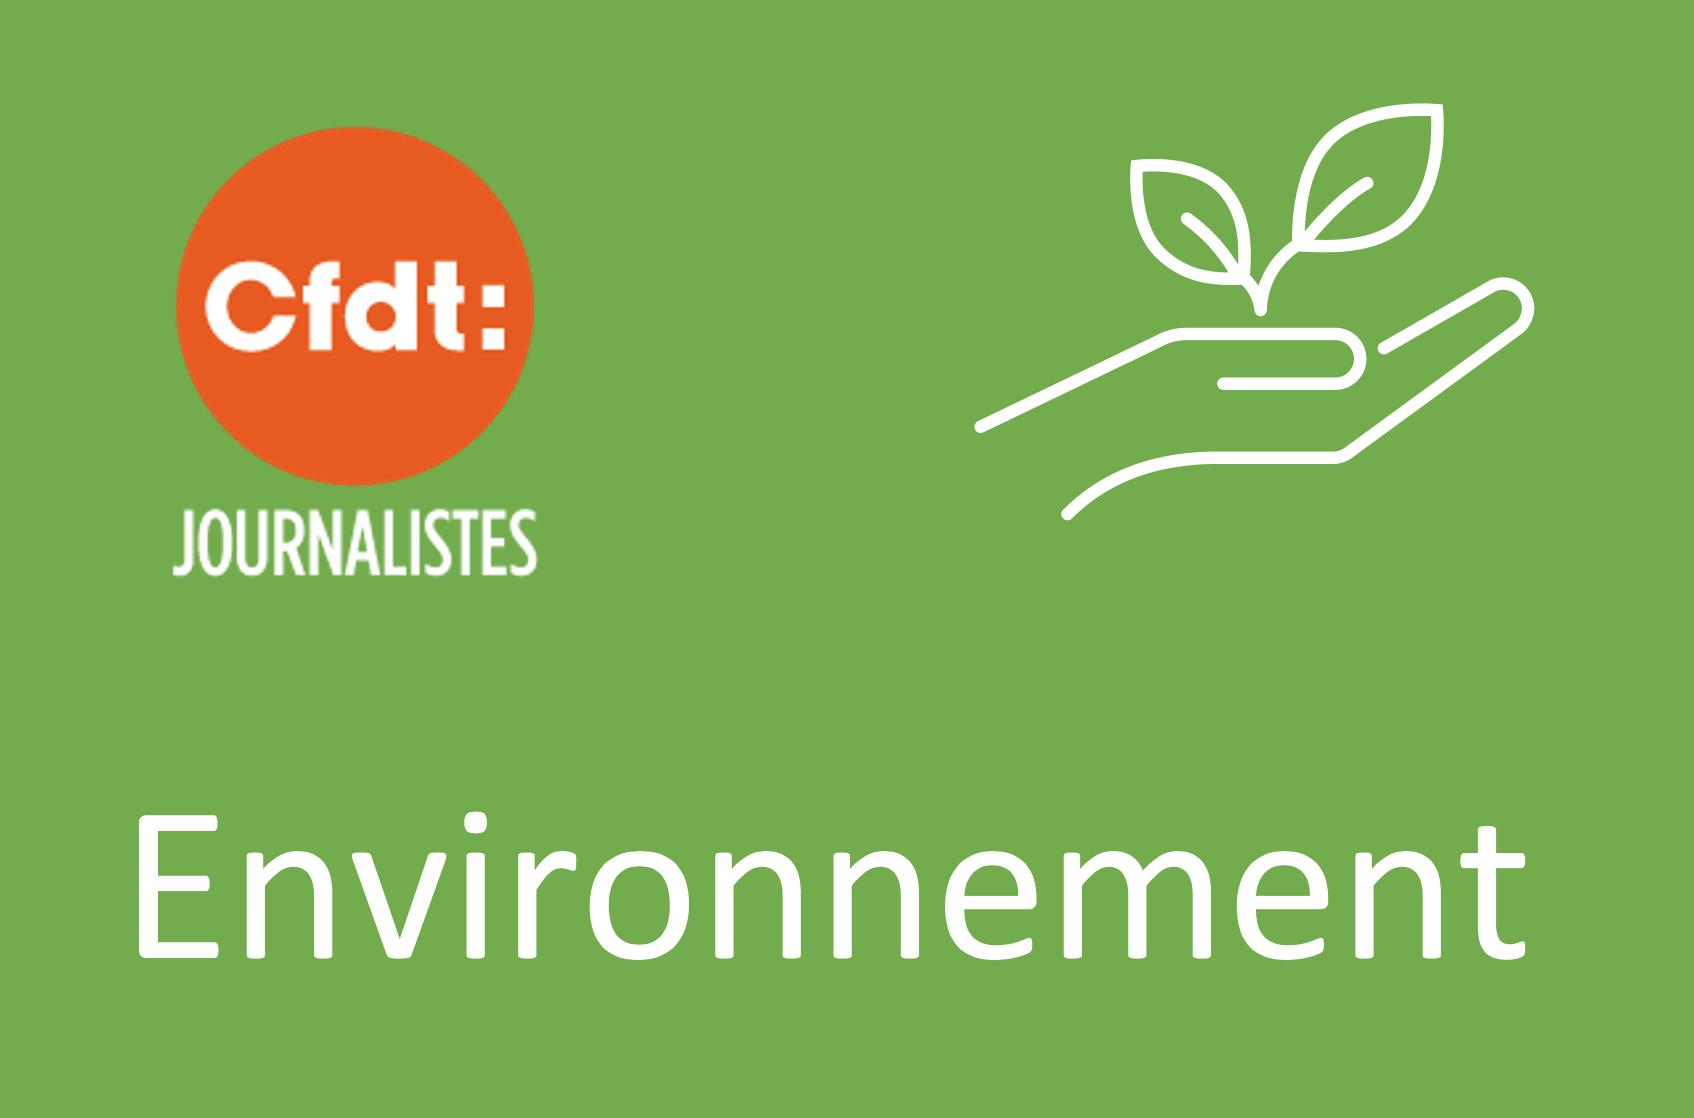 Journalisme et écologie : échangeons le 2 juin entre journalistes adhérents CFDT